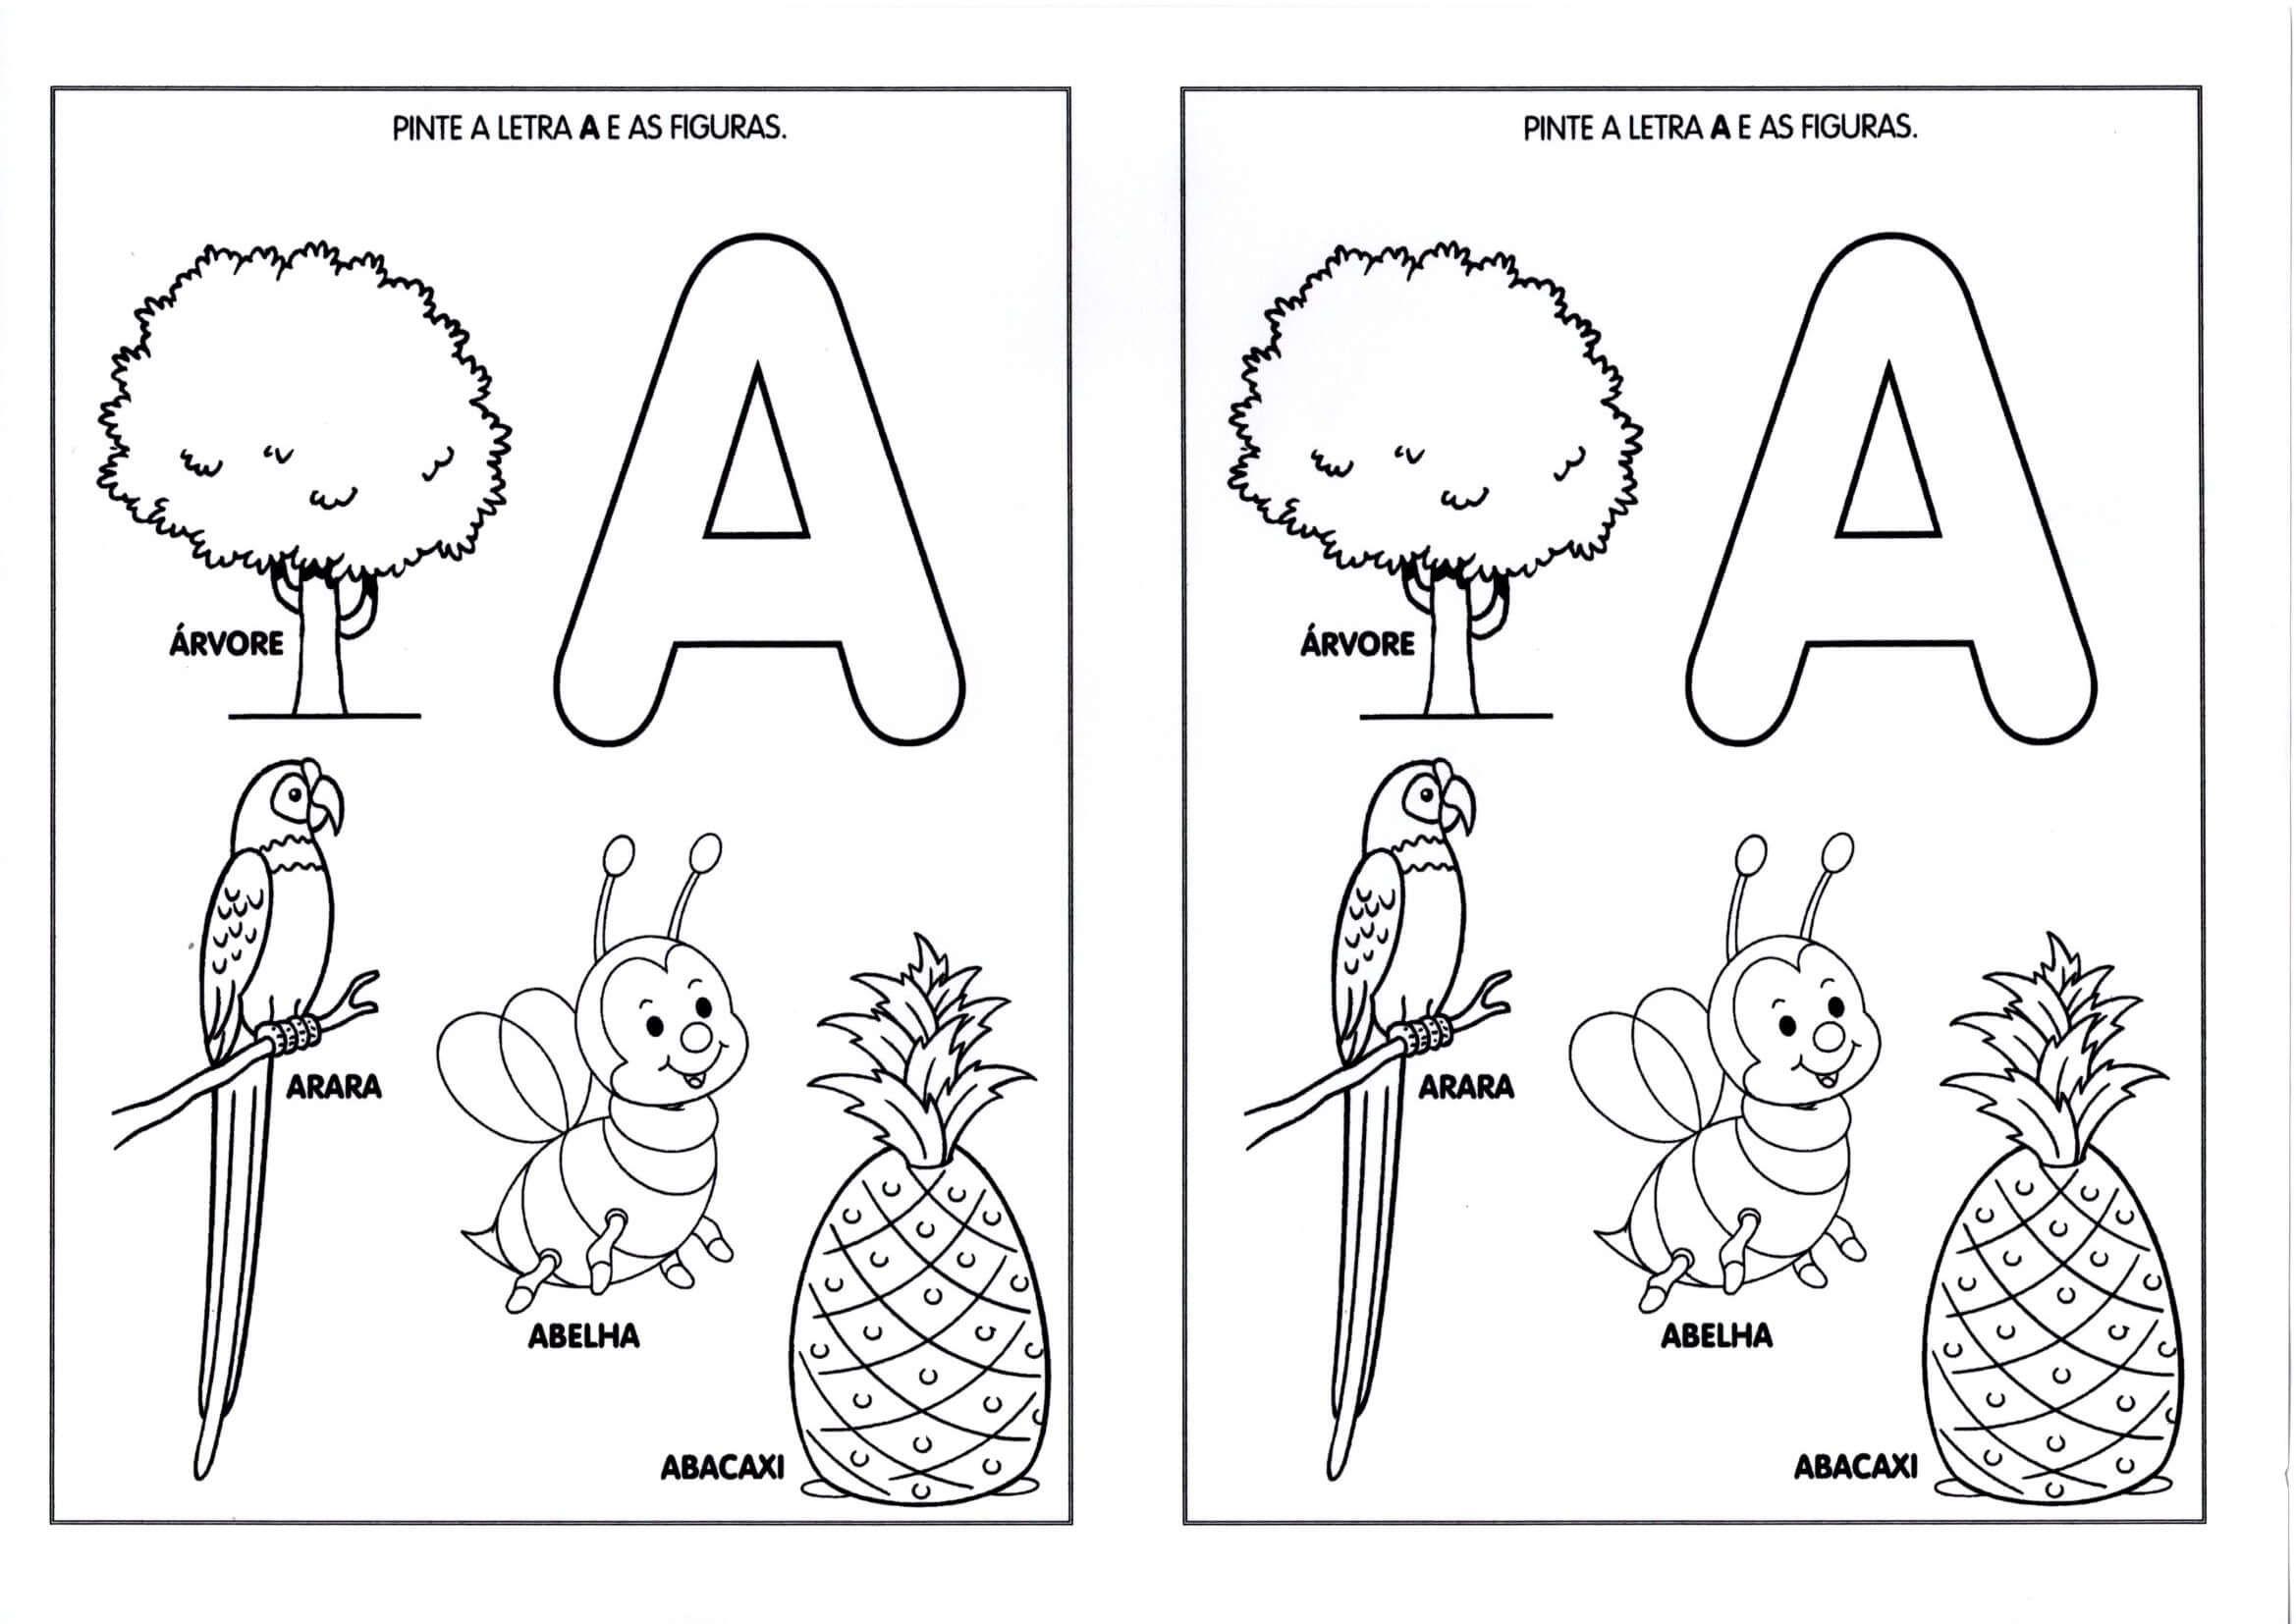 Vogais Pinte A Letra E As Figuras Letra A Atividades